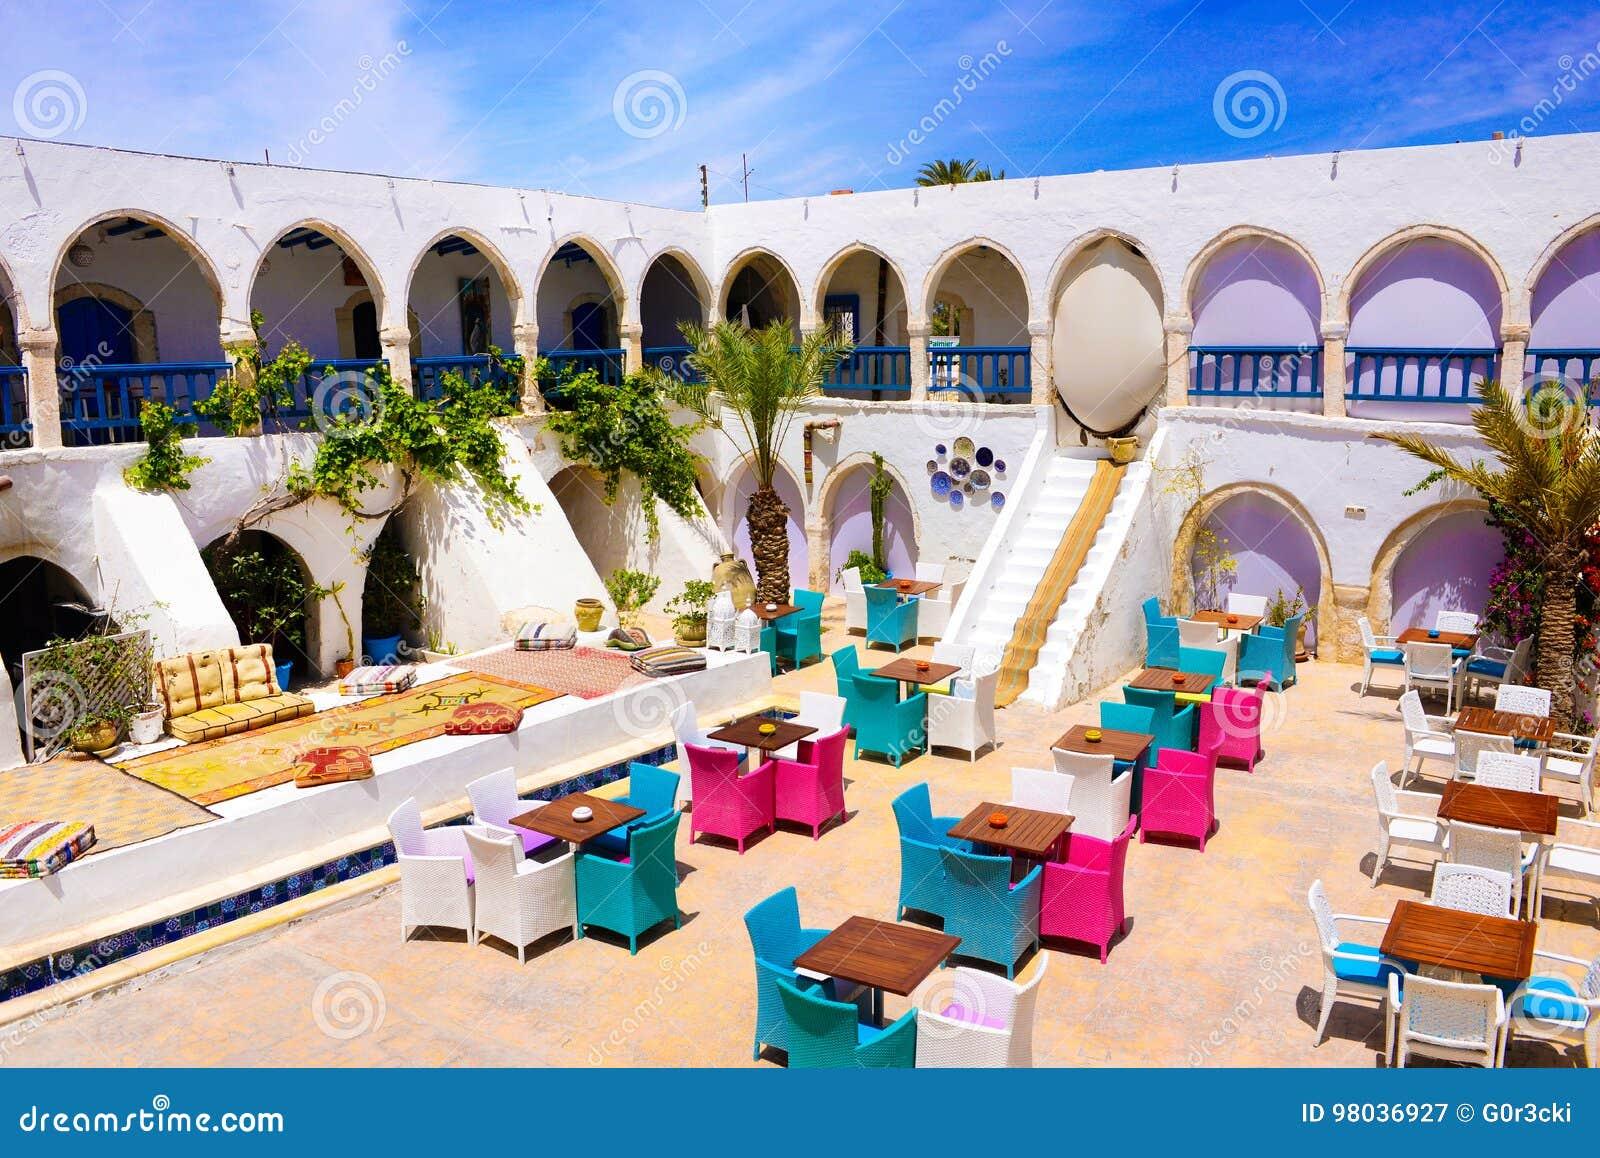 Σπίτι τσαγιού και υπαίθριο πεζούλι εστιατορίων, αγορά Djerba, Τυνησία